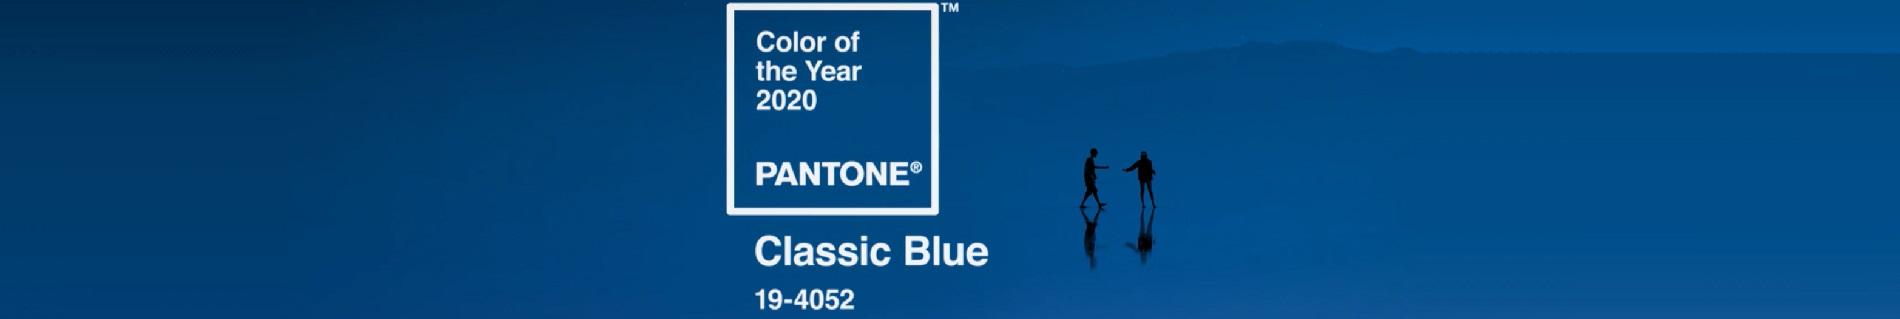 Couleur pantone de l'année 2020 : Classic blue